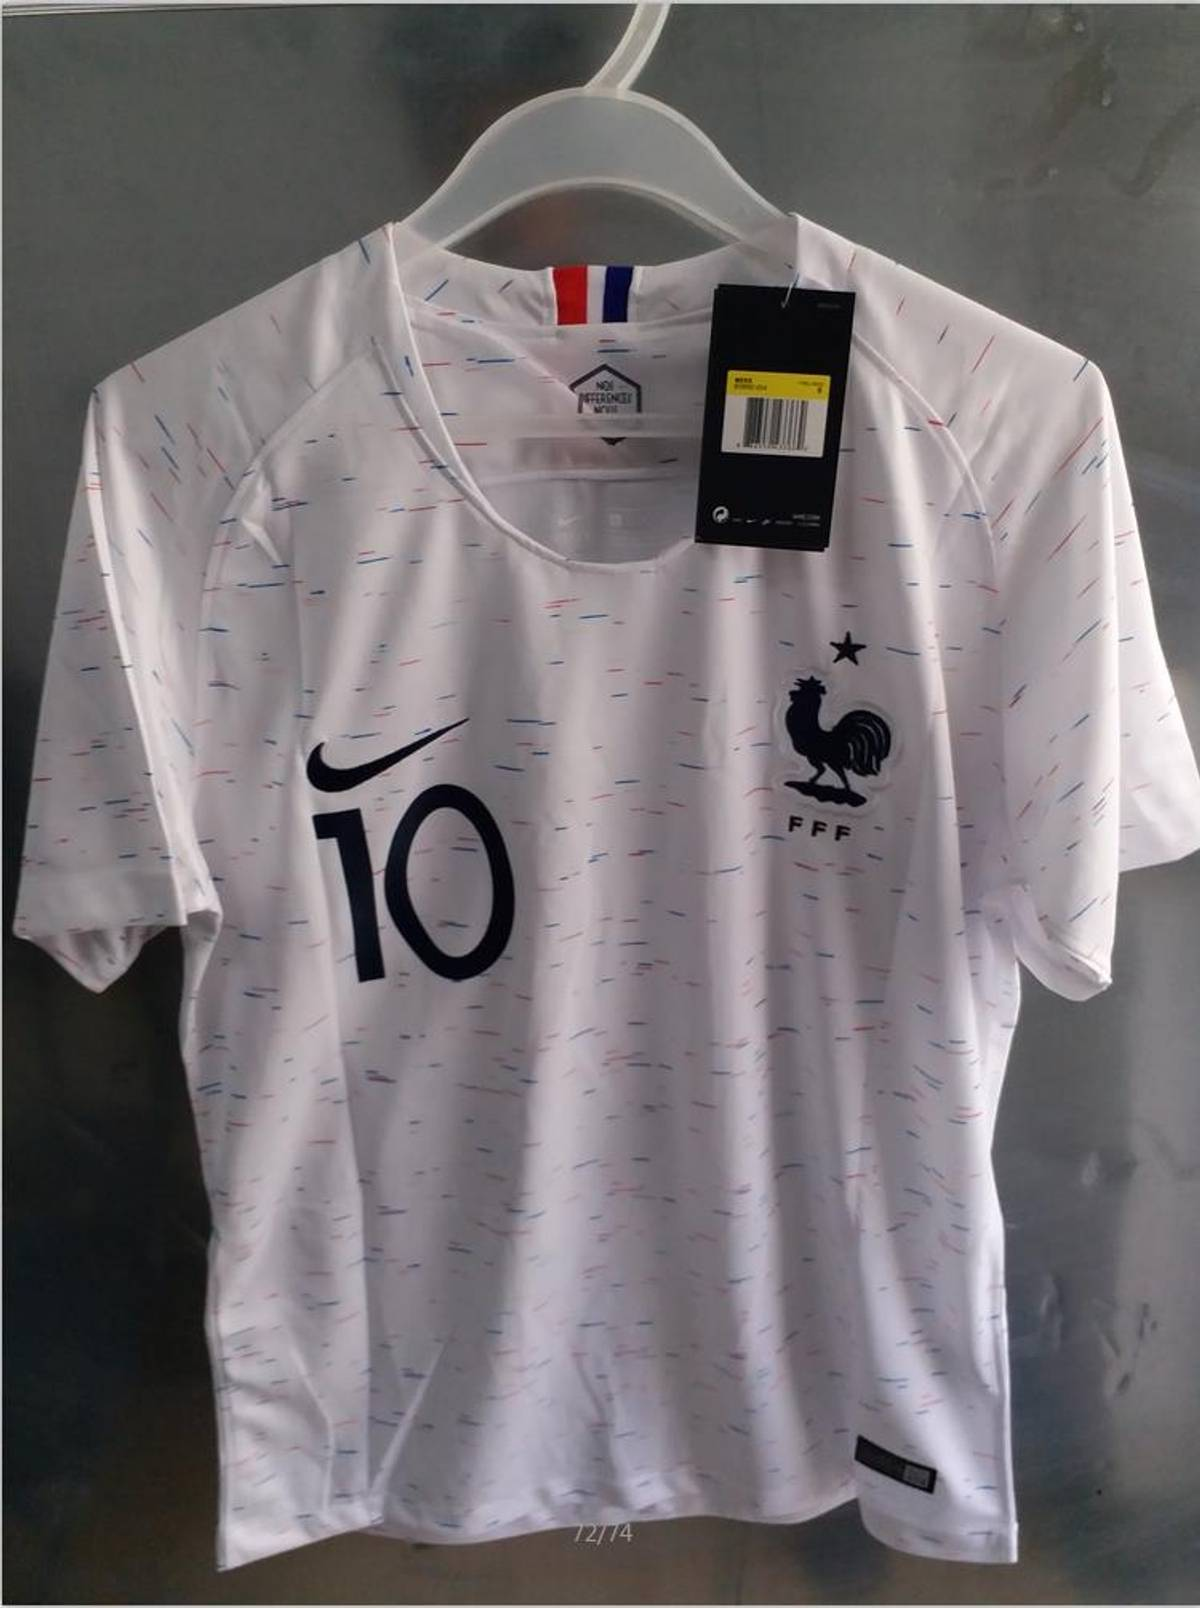 d6cb190d0ca Soccer Jersey ×. Mens #10 Mbappe France Soccer Jersey Football Jersey Away  2018 World Cup ...